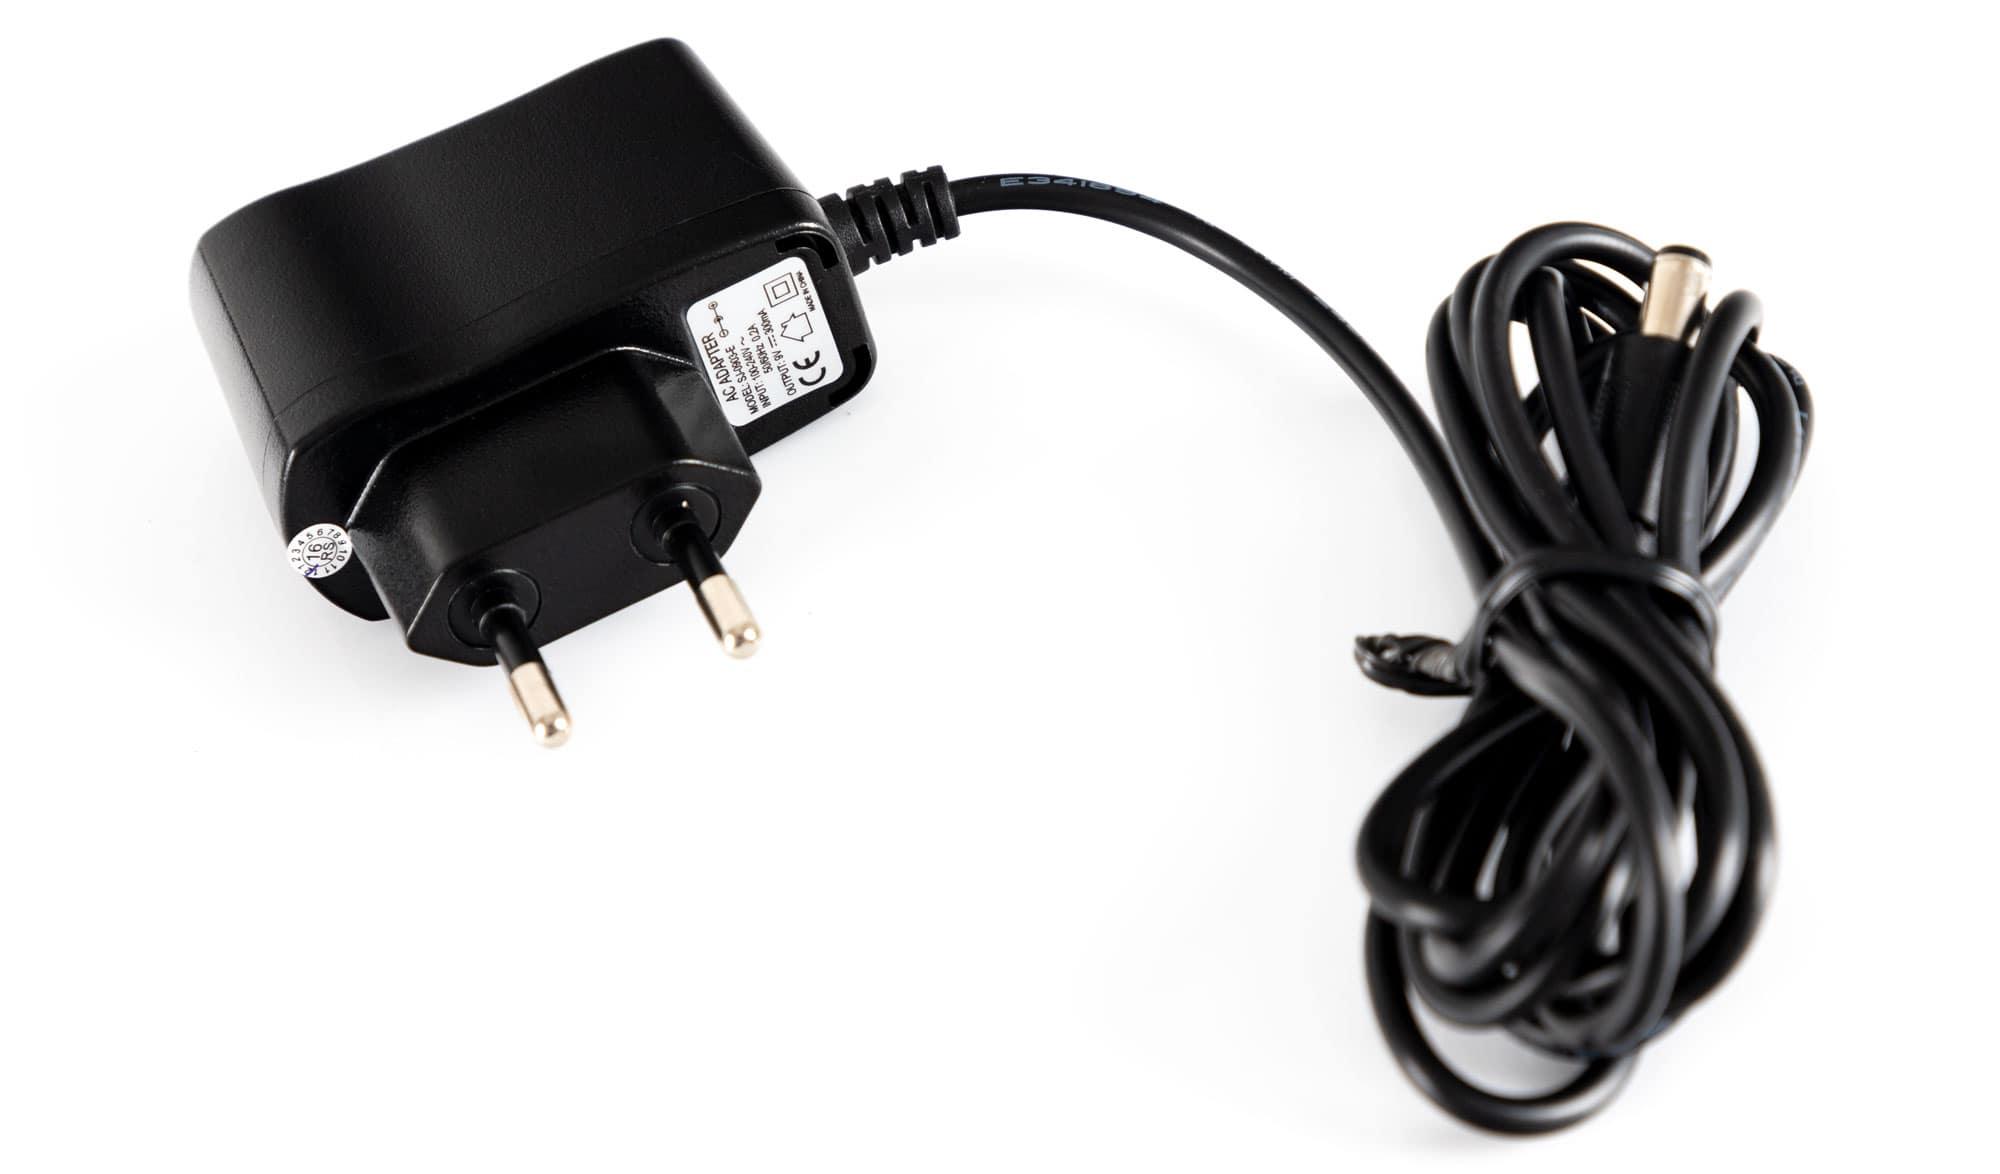 rocktile gp 10 headphone amp multi effect. Black Bedroom Furniture Sets. Home Design Ideas